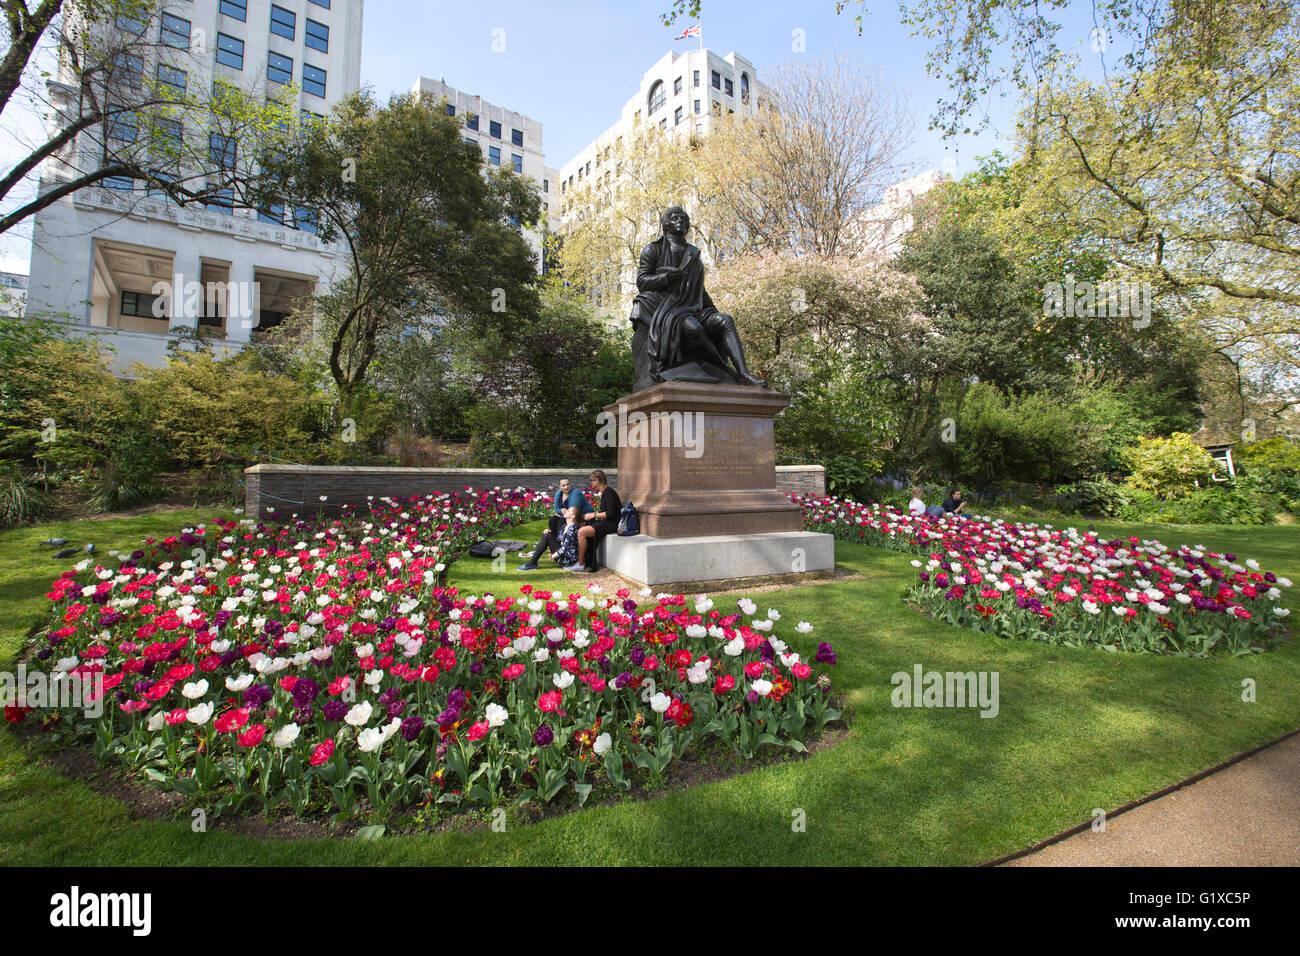 Statue Of Robert Burns Victoria Embankment Gardens Victoria Stock